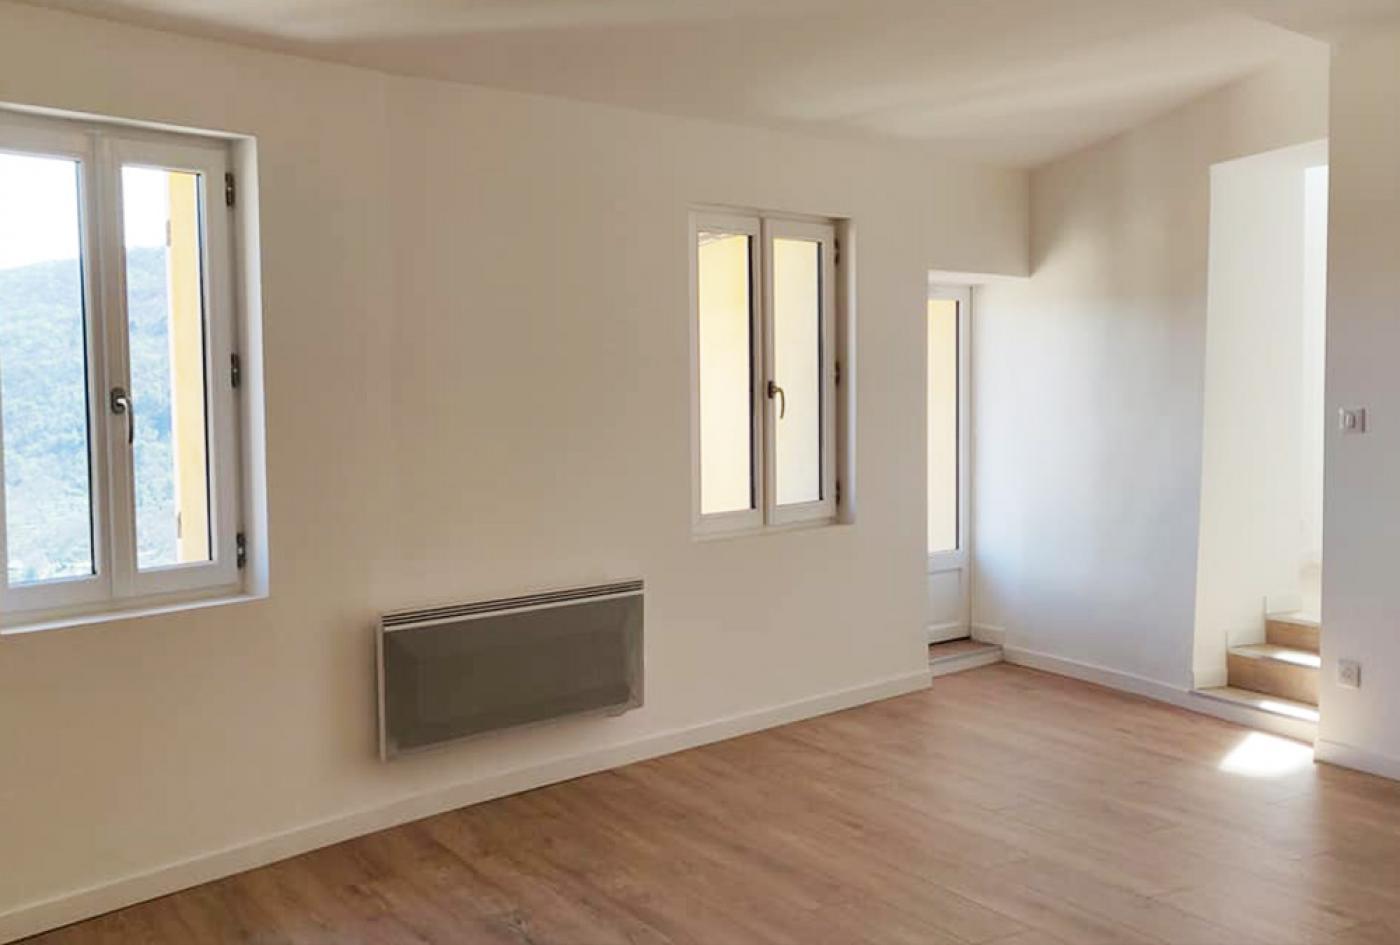 rénovation appartement cote d'azur